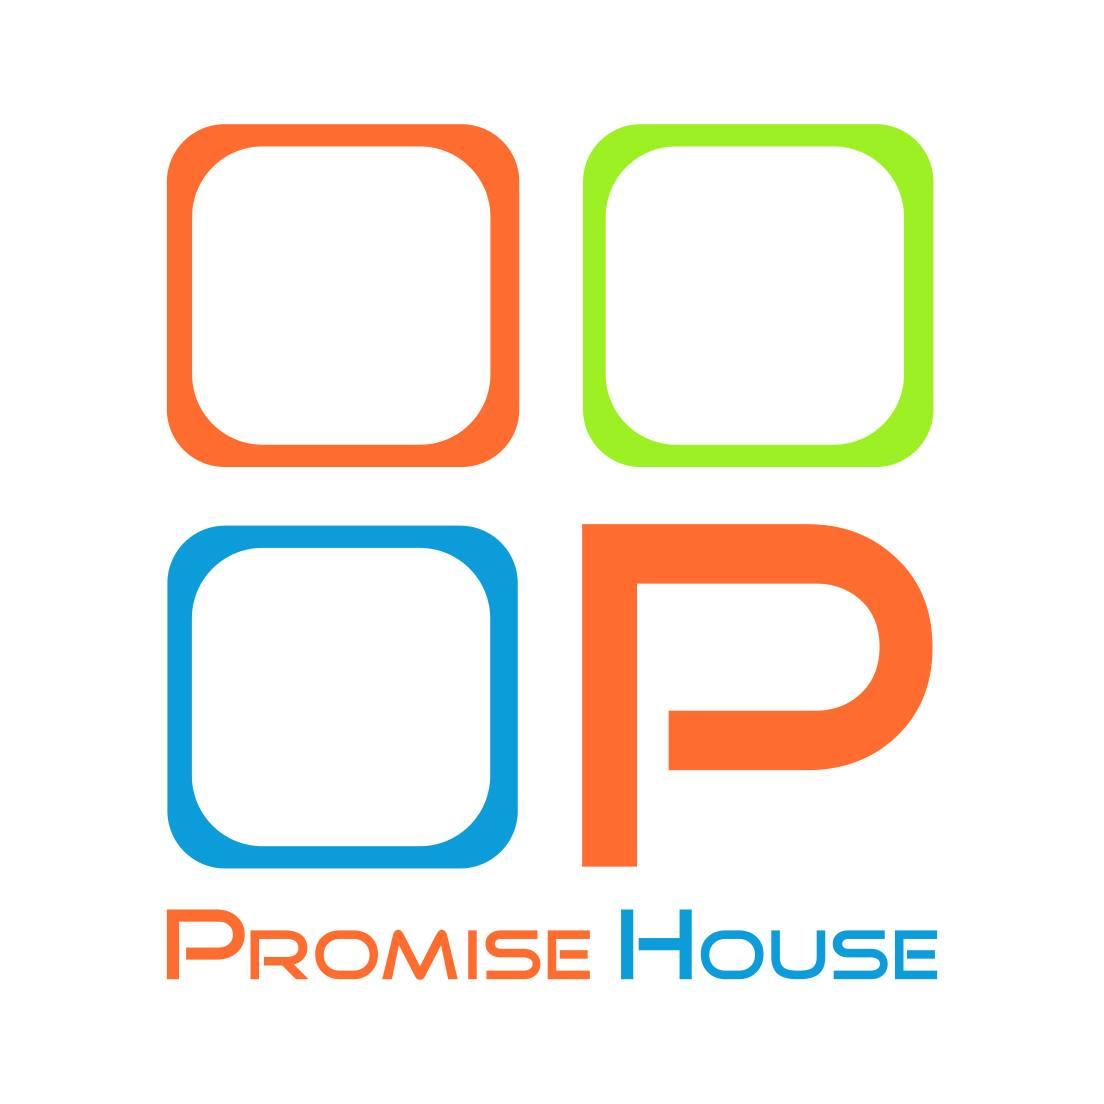 promisehouse-1.jpg